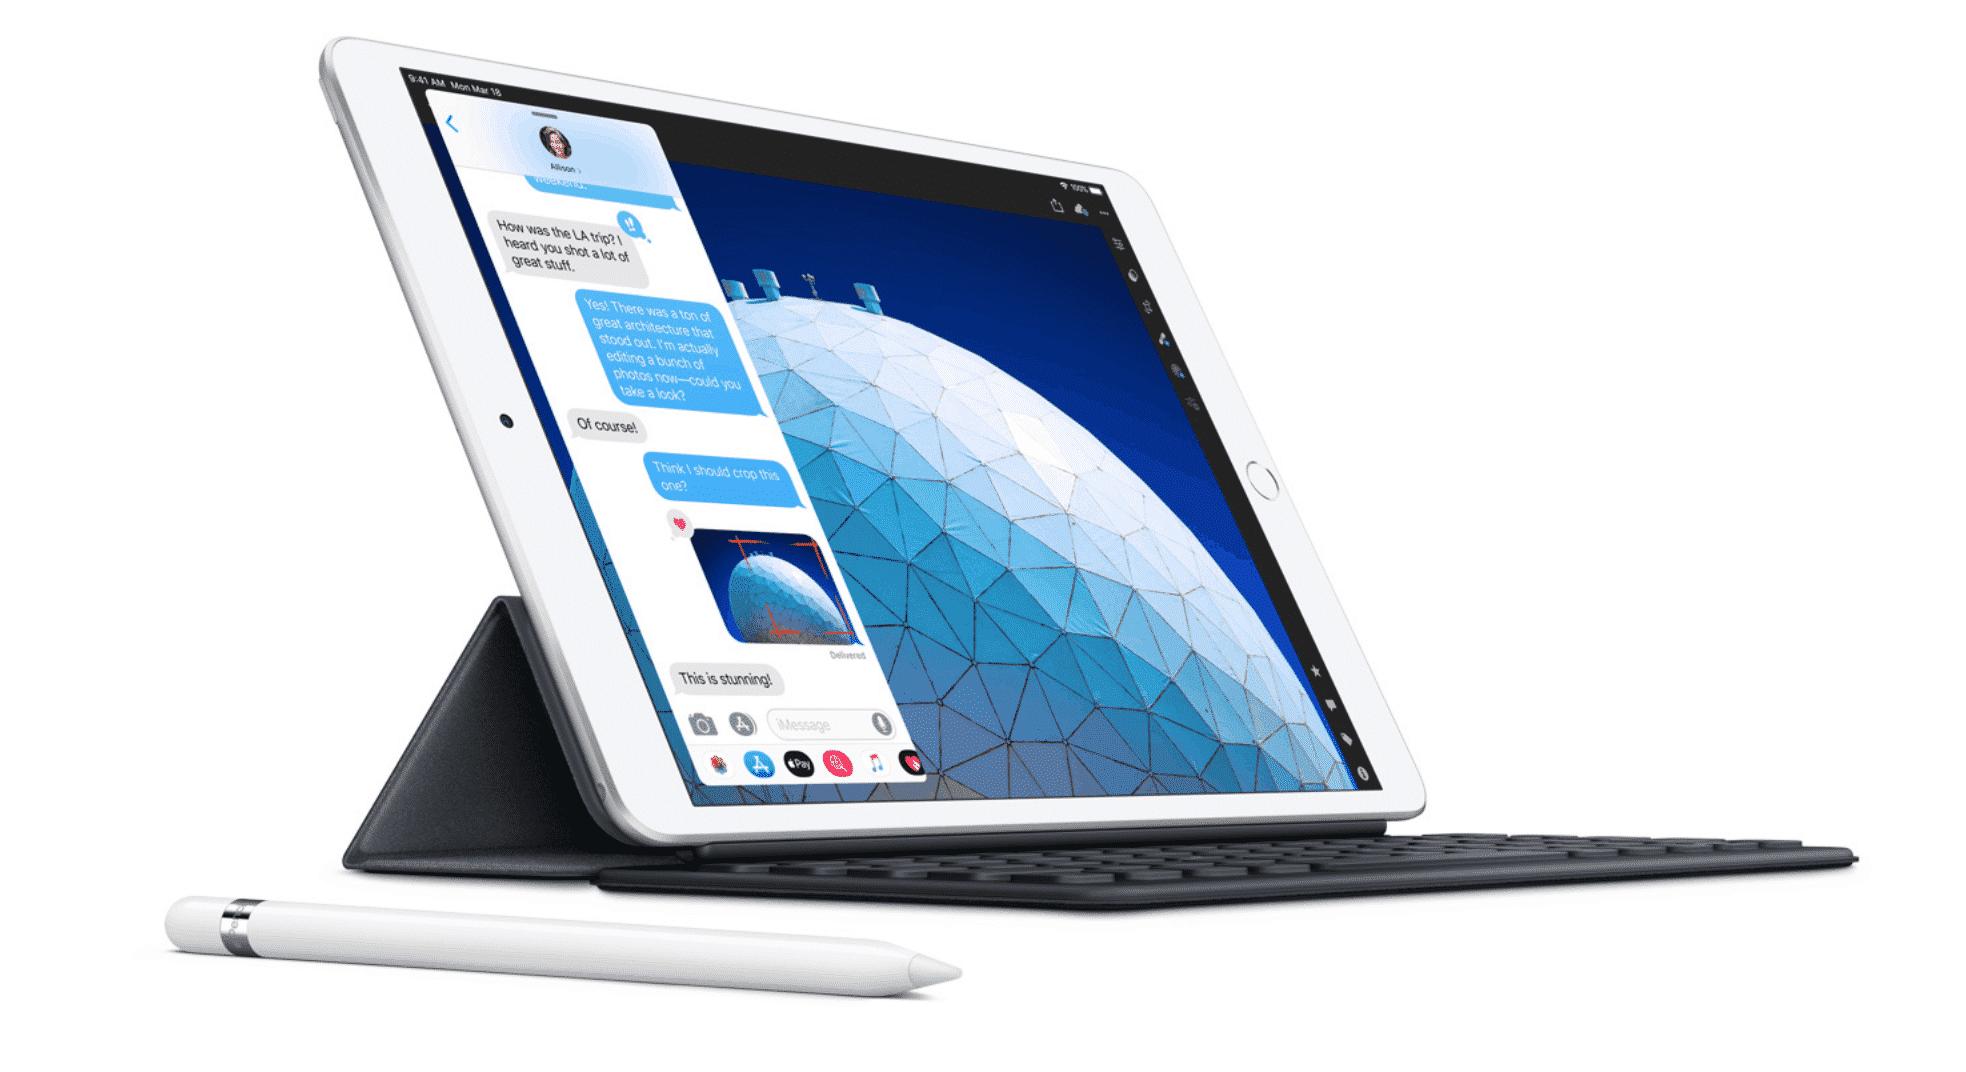 iPad Air Image 1